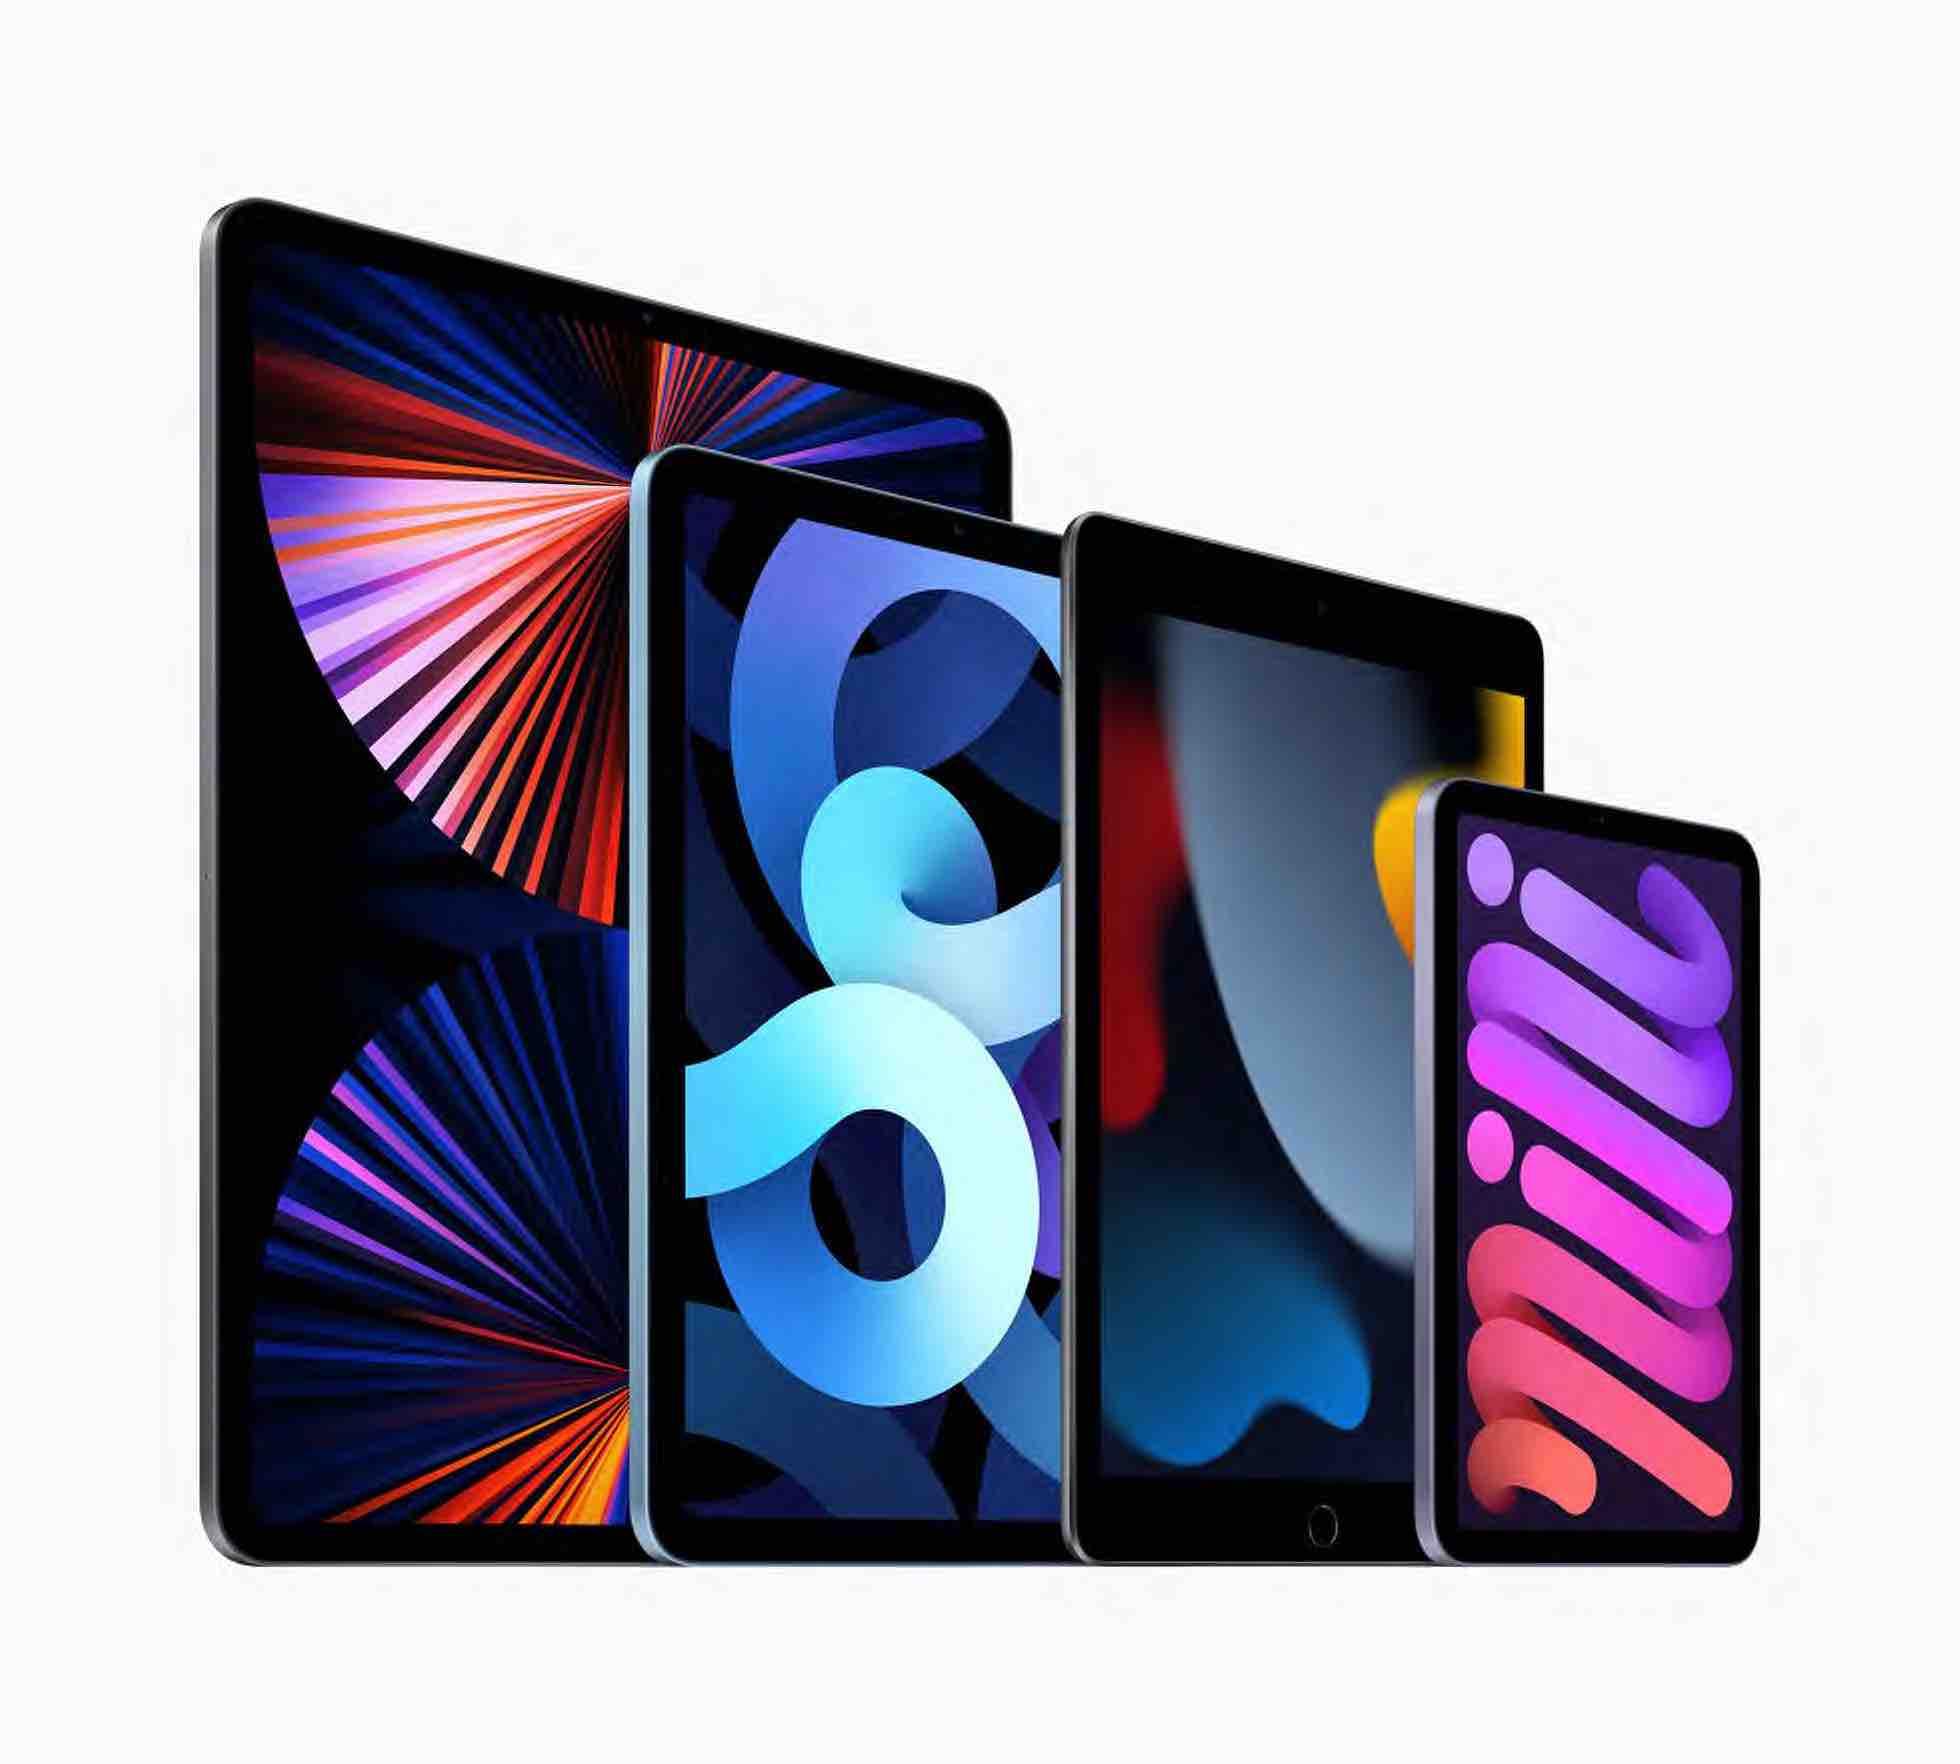 Conoce los nuevos iPad y iPad Mini presentados el día de hoy